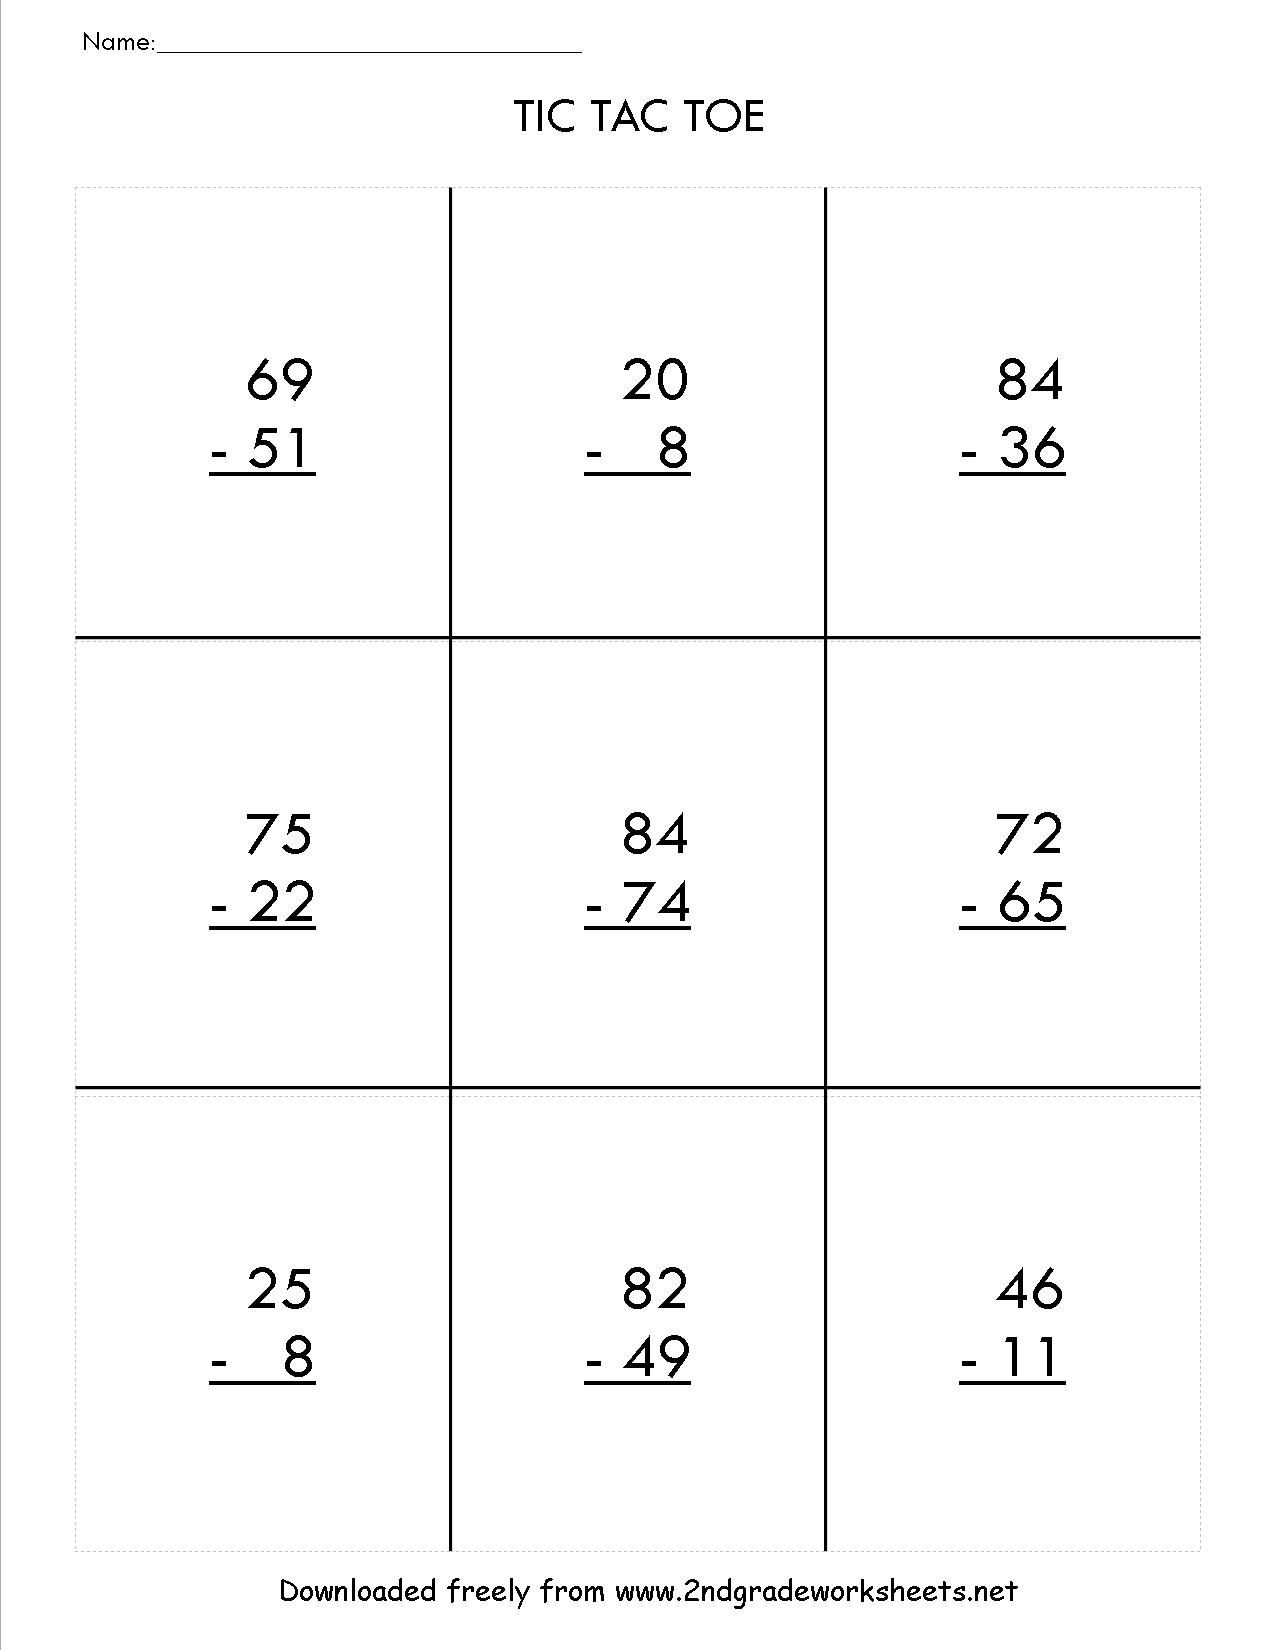 Tictactoemathtwodigitsubtractionregroupingttg Jpg 1 275 1 650 Pixeles 2nd Grade Math Worksheets Math Worksheets 2nd Grade Math [ 1650 x 1275 Pixel ]